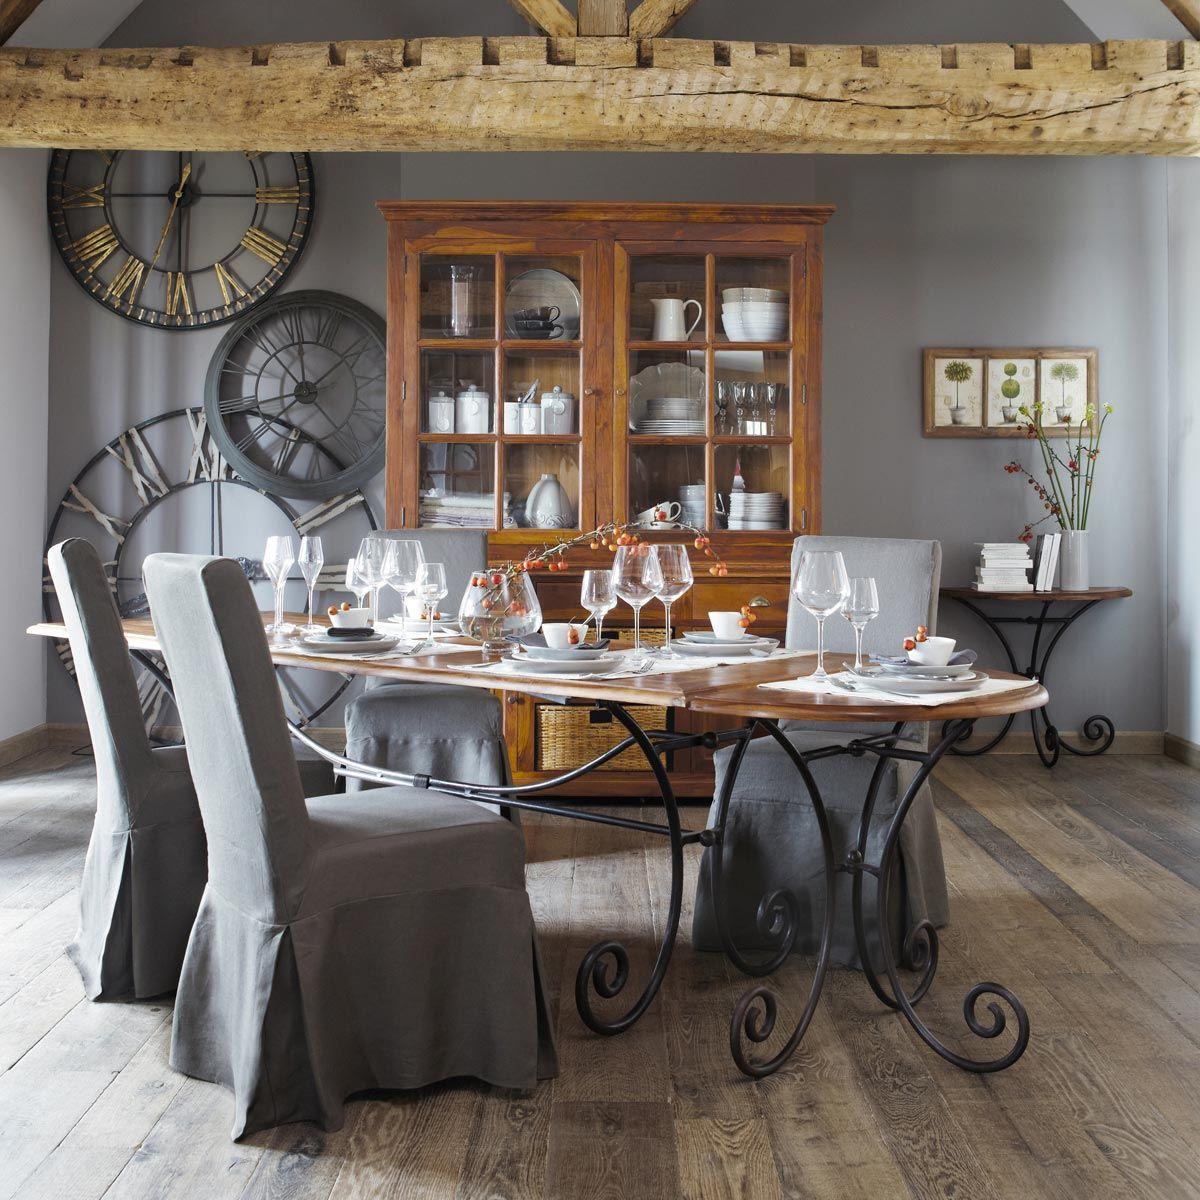 Table console demi lune en fer forg et bois de sheesham massif l 90 cm charming pinterest - Console demi lune en fer forge ...